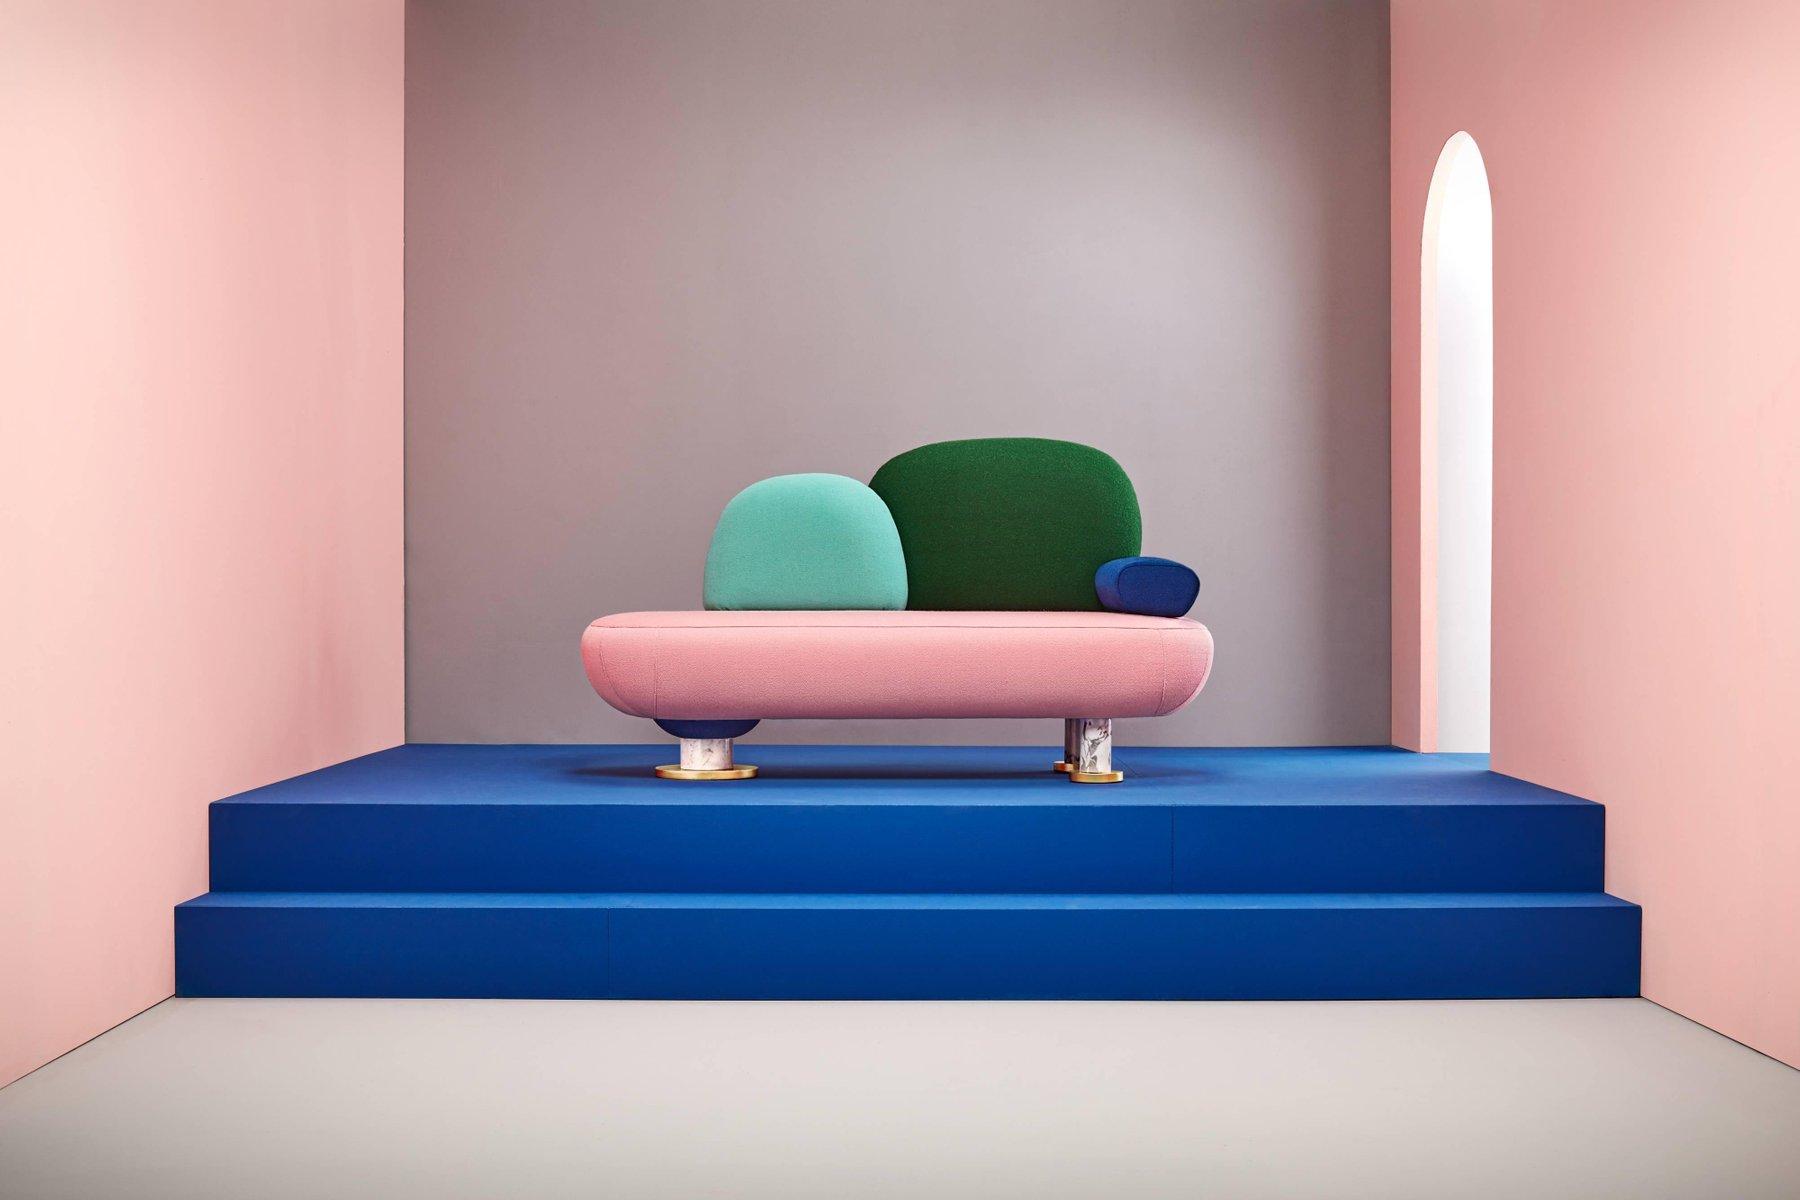 Sofa by Masquespacio en venta en Pamono 2e9f0d4e21d9